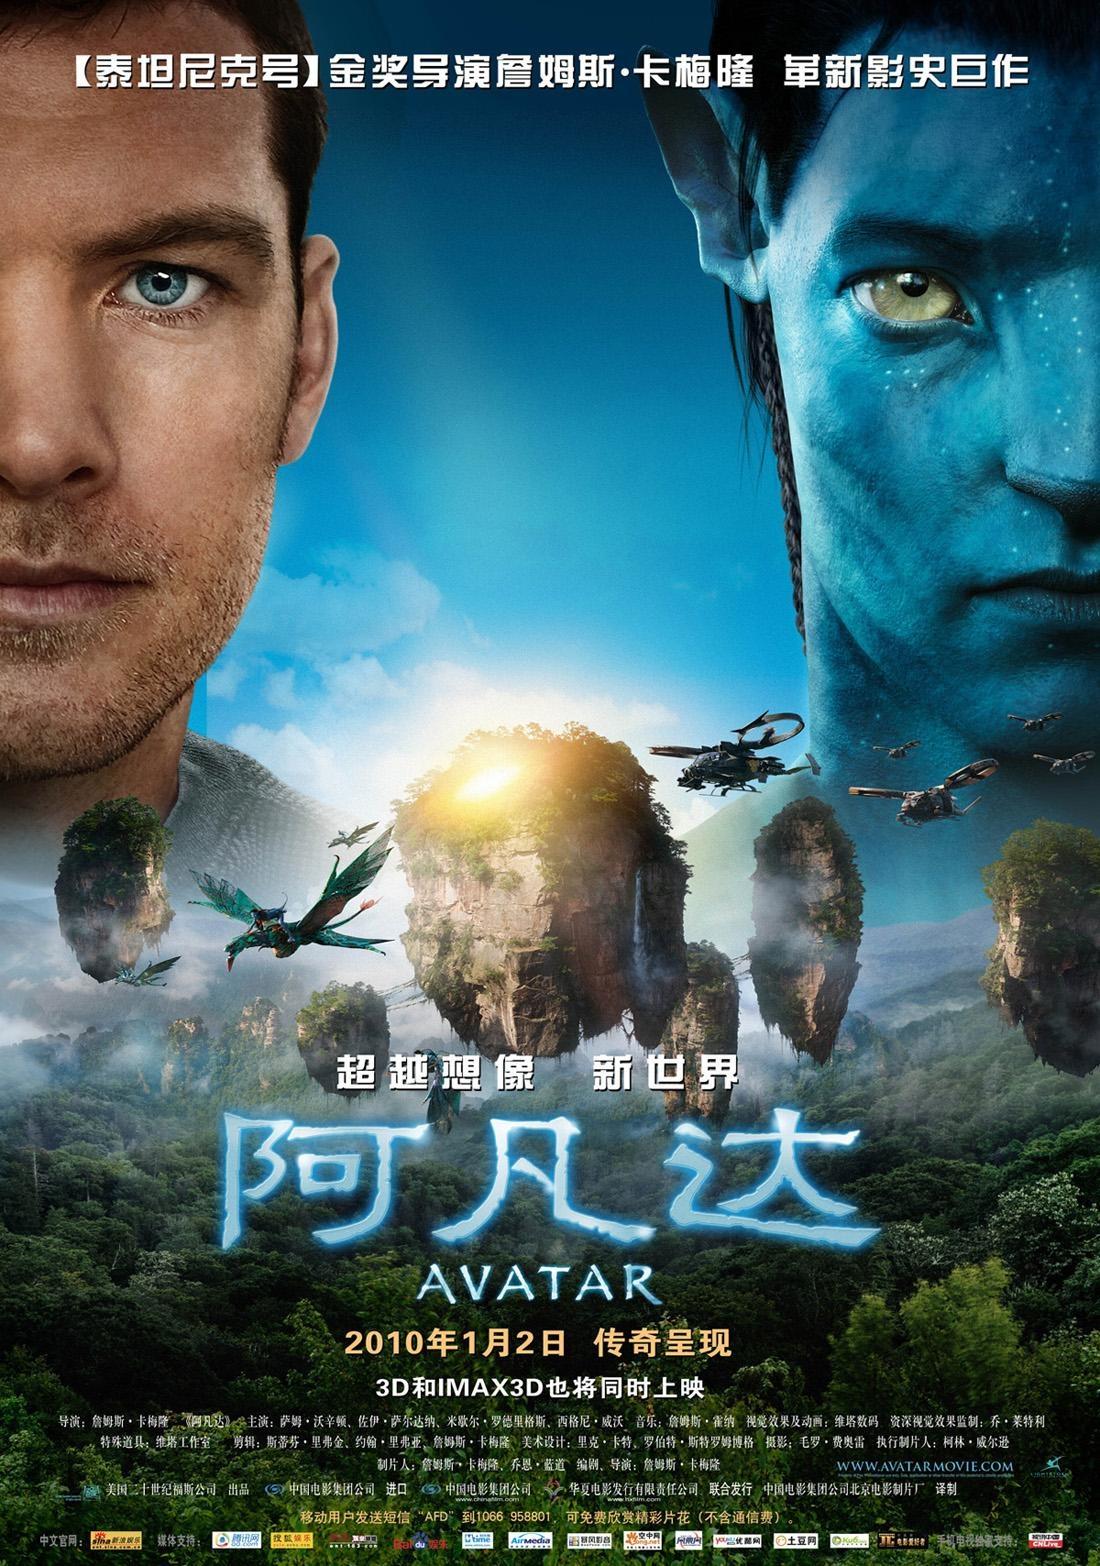 《阿凡达》亮相北影节 卡梅隆《阿丽塔》年底上映